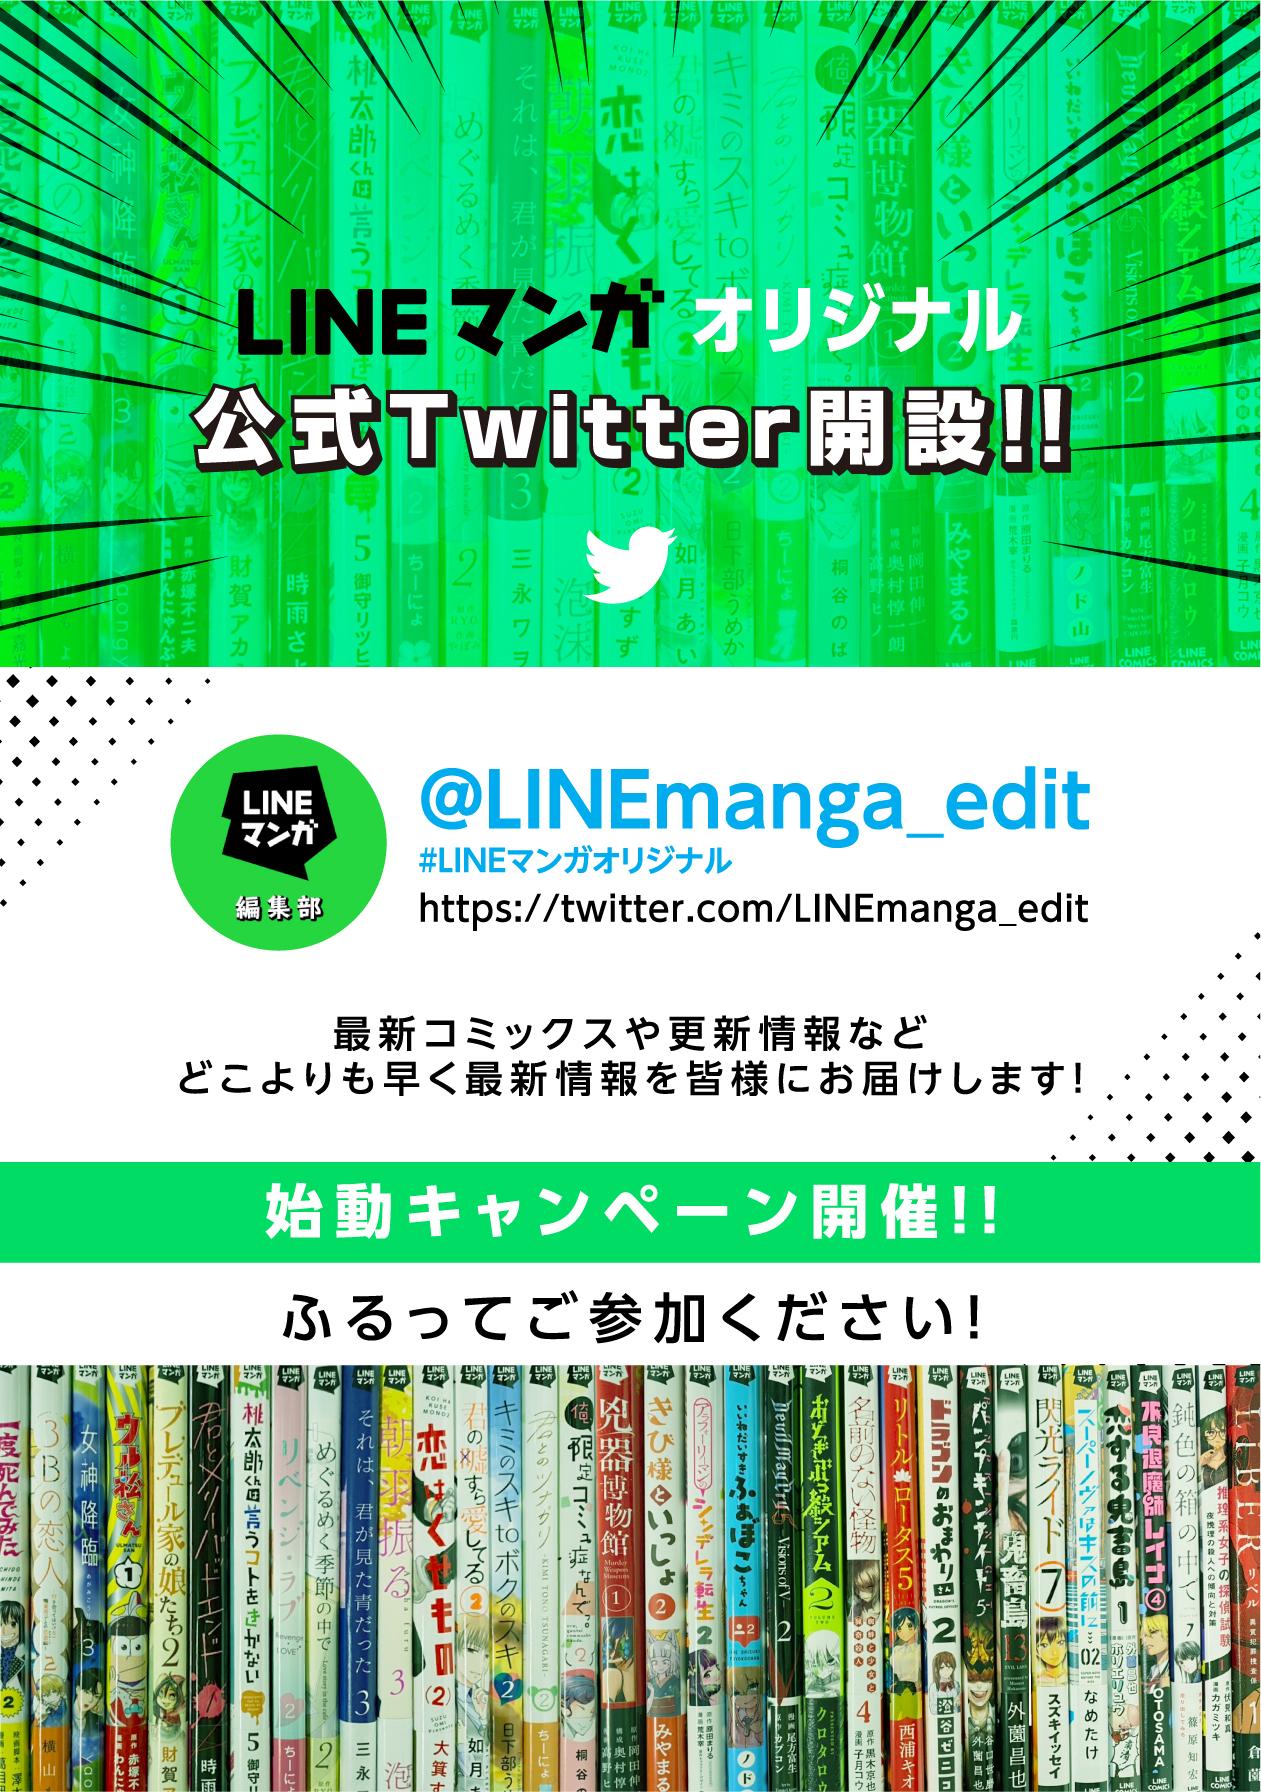 Twitter_blog_2101_FIX_OL-01